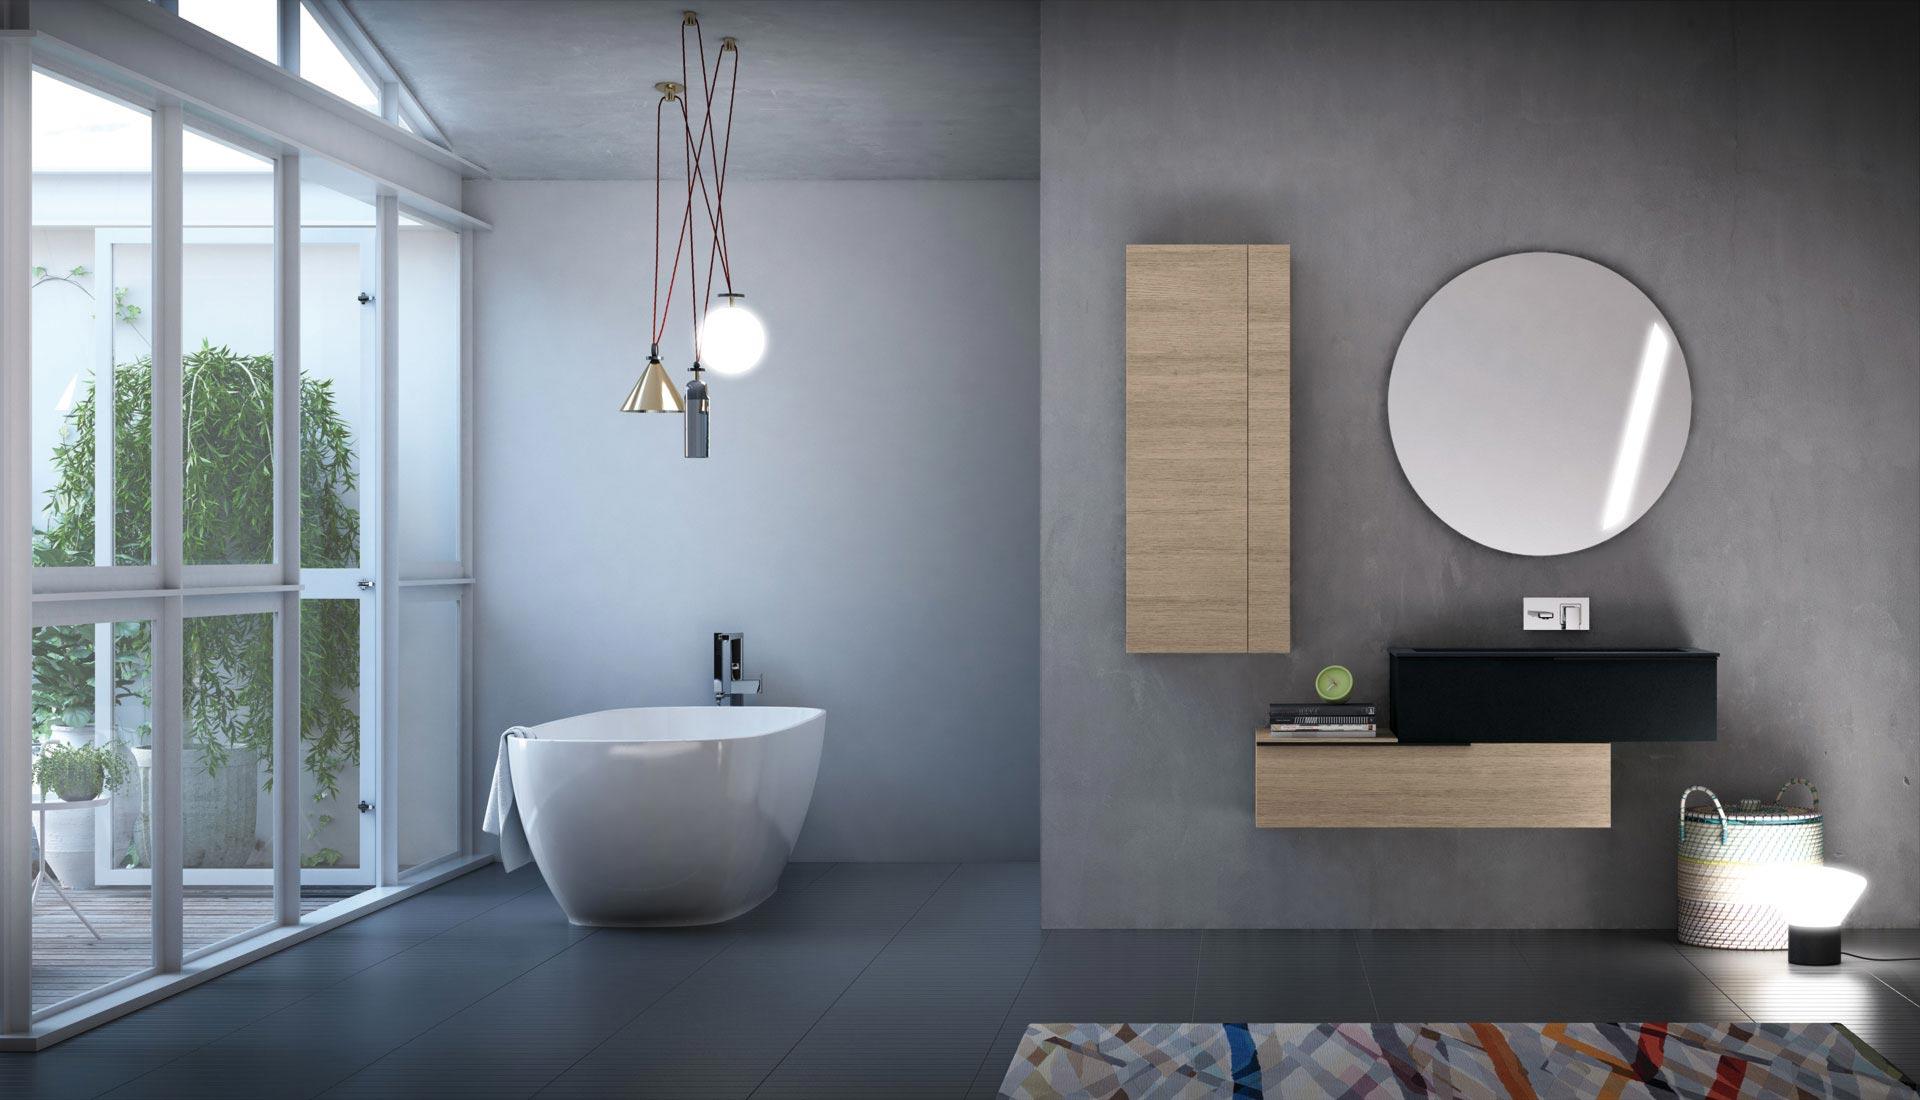 arredo bagno: mobili e arredamento bagno su misura - puntotre - Negozi Arredo Bagno Napoli E Provincia